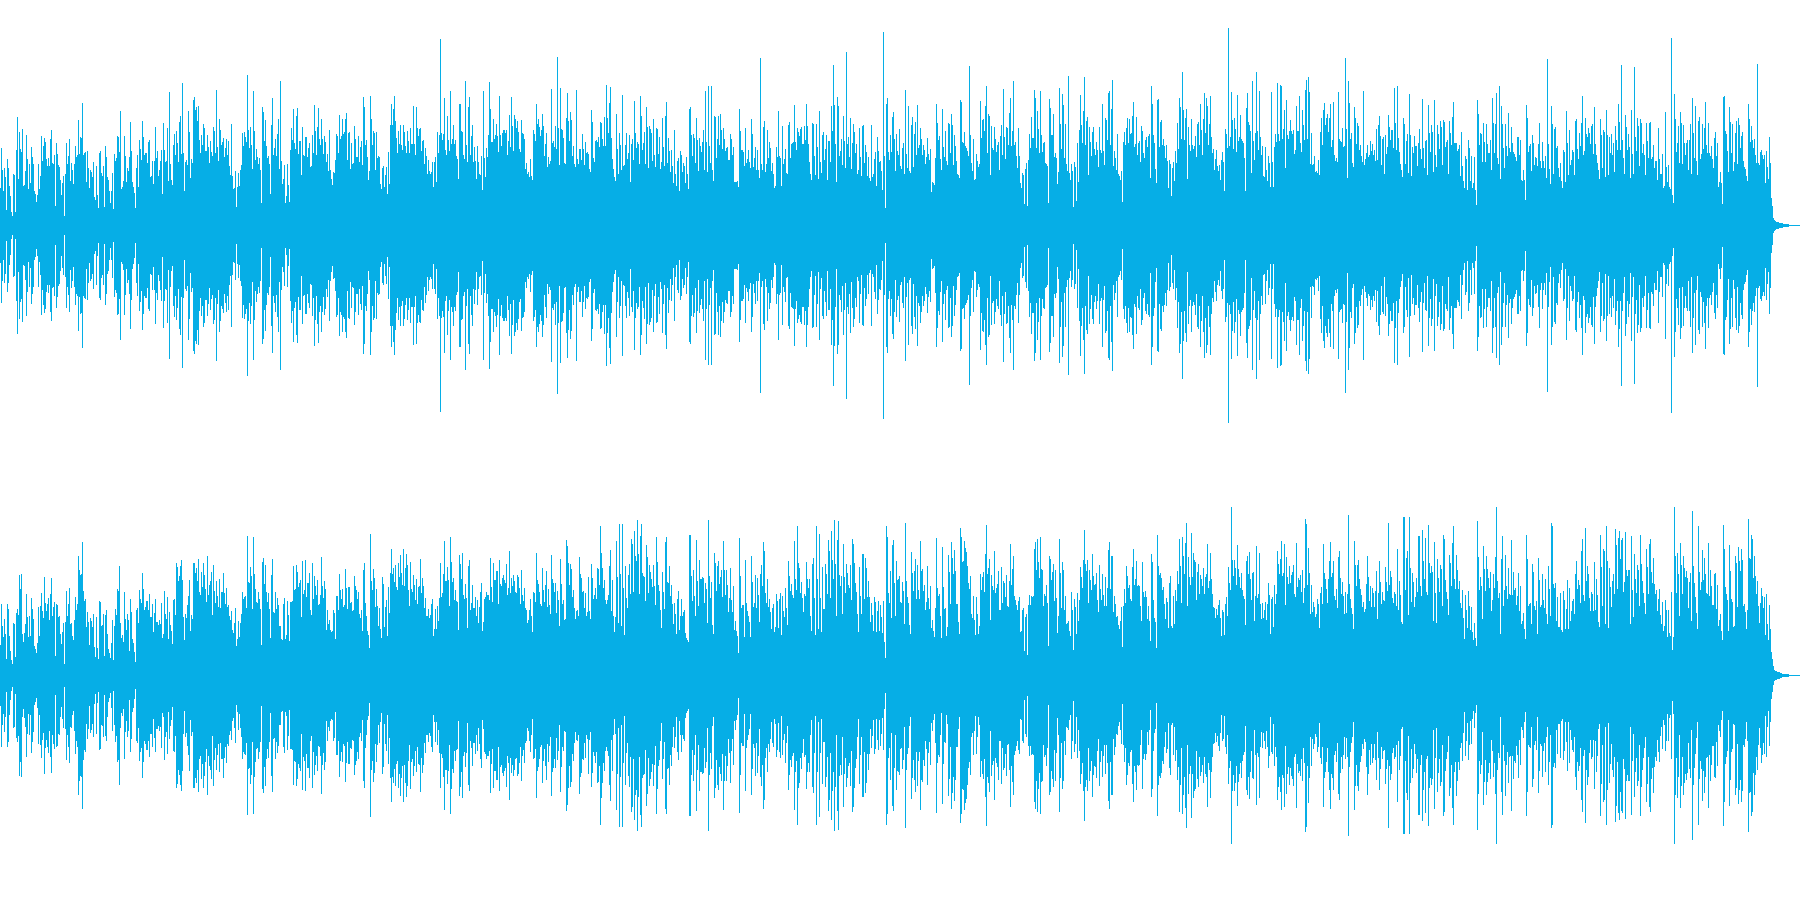 生演奏ウクレレ!ハッピーで華麗なポップスの再生済みの波形